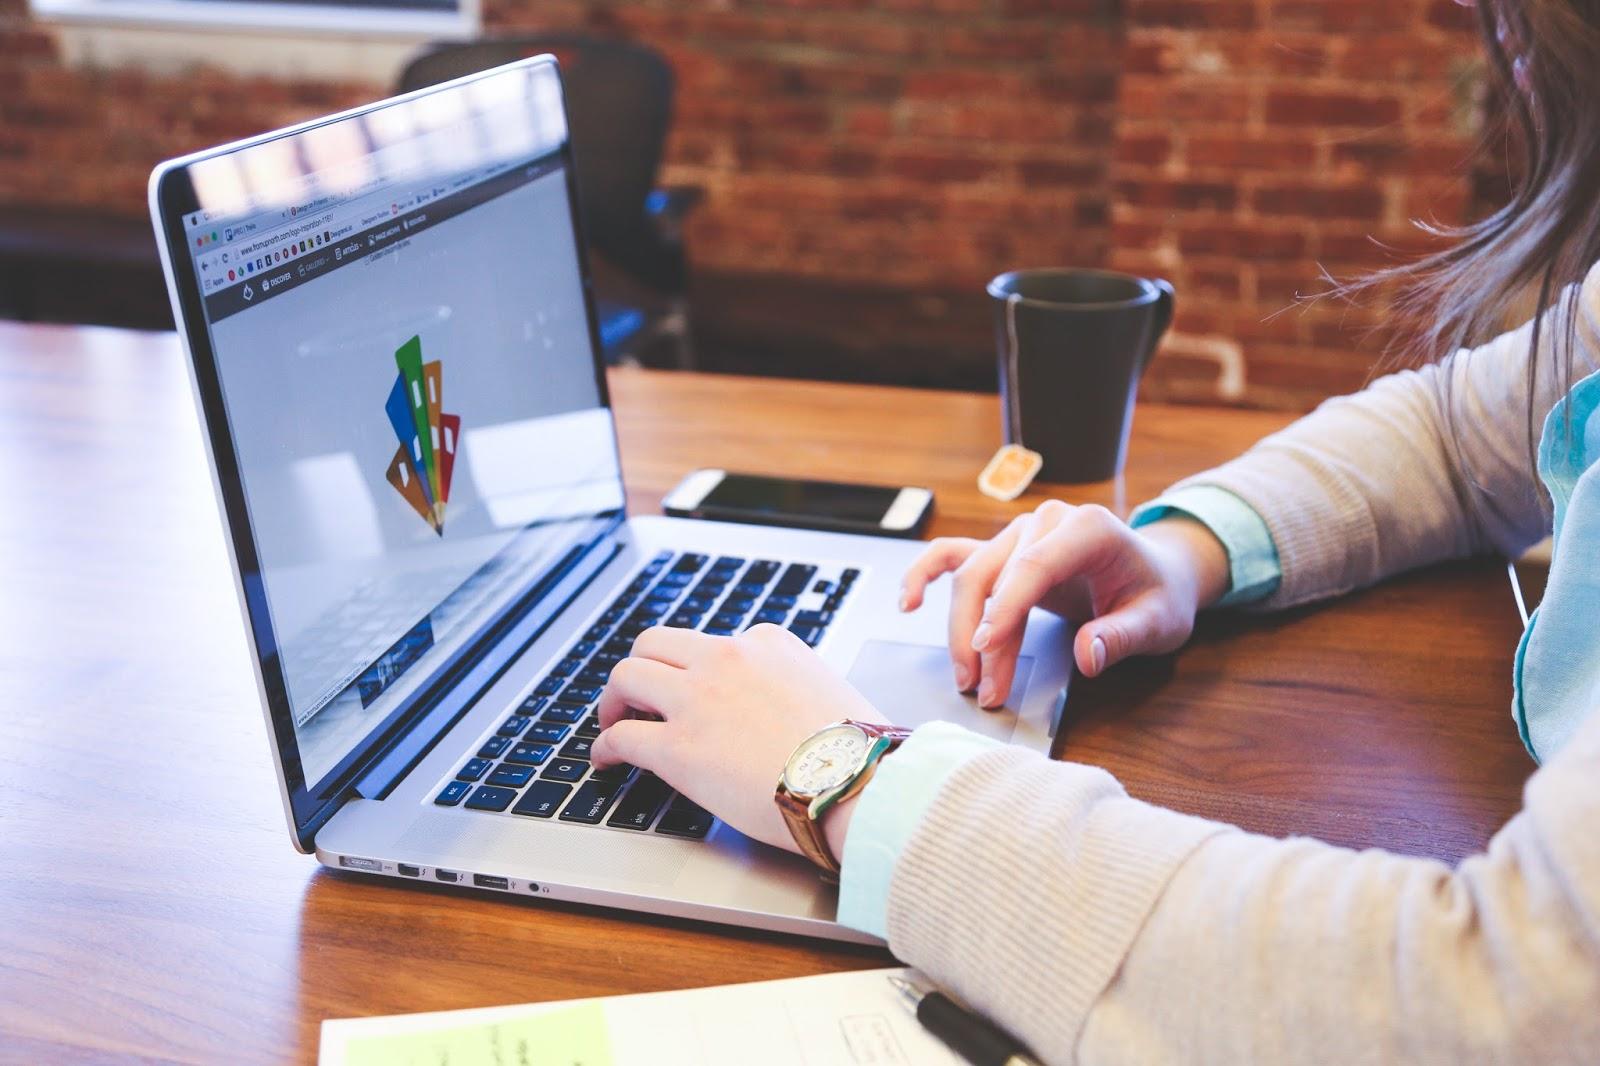 Gráfica Online Futura Imbatível: Confiabilidade, Agilidade e preço justo